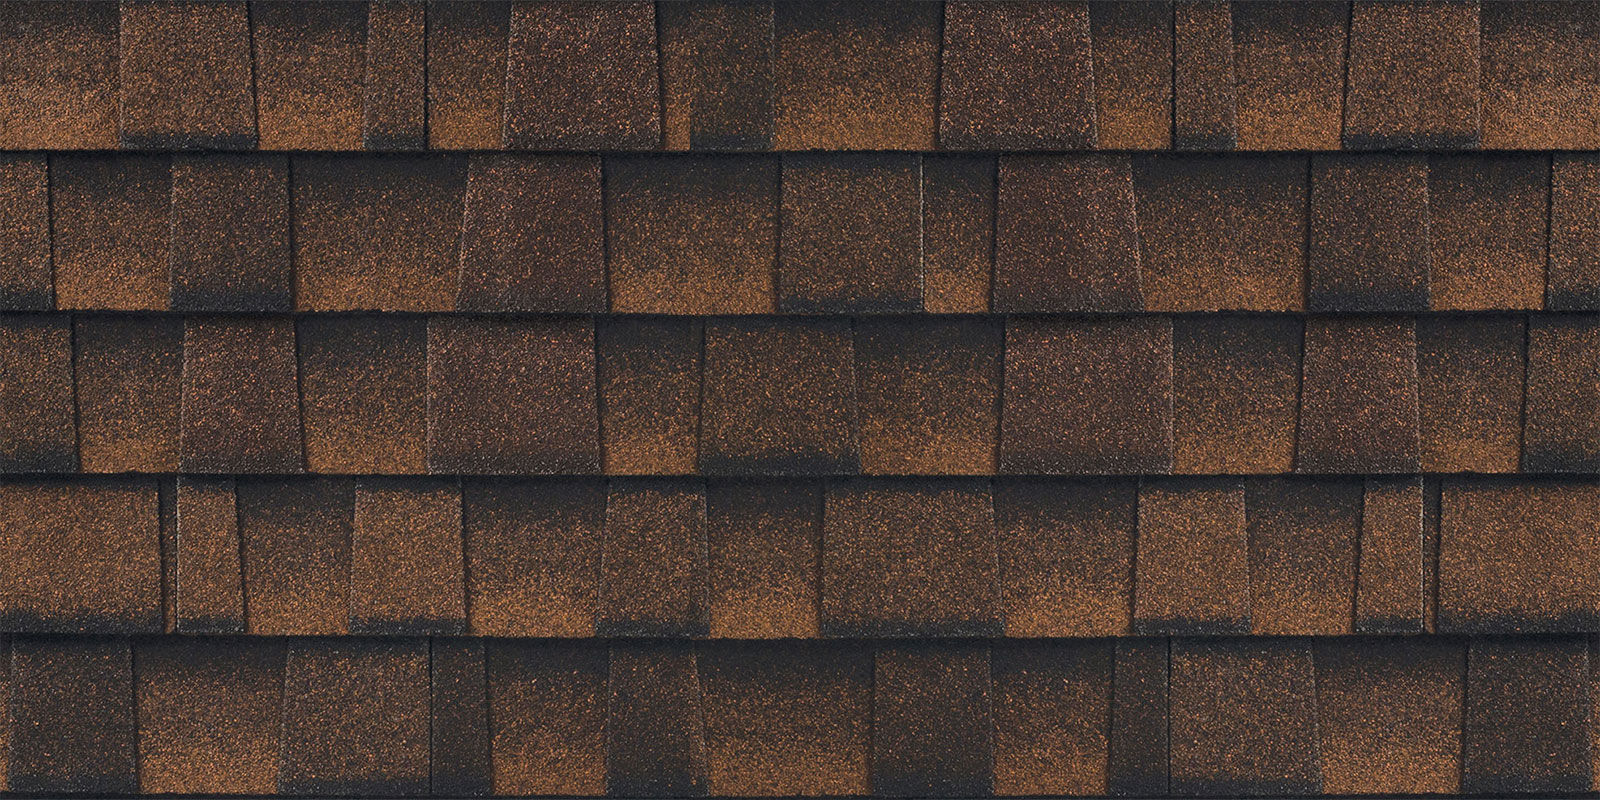 Zdjęcie produktu jakim jest gont bitumiczny amerykańskiej firmy GAF z linii Timberline Ultra HD, pokrycia dachowe